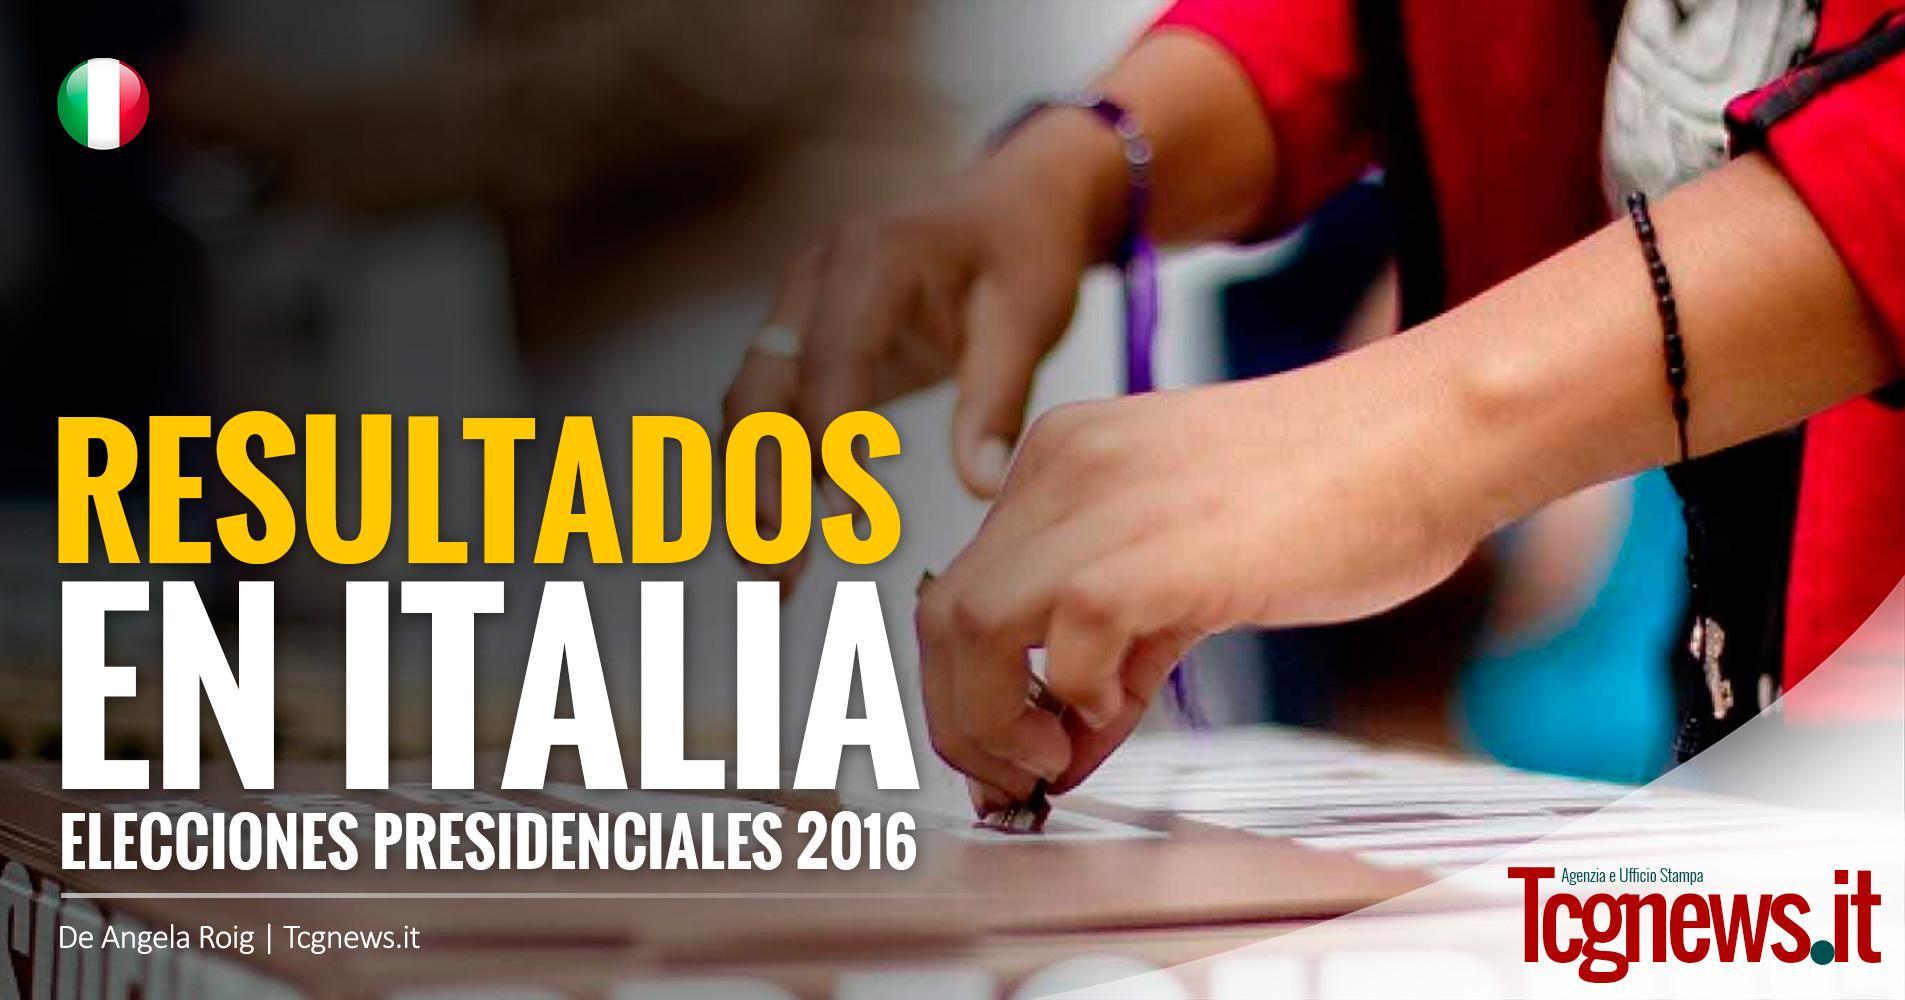 Elecciones presidenciales 2016: Peruanos en Italia prefirieron a Mendoza en vez de Kuczynski